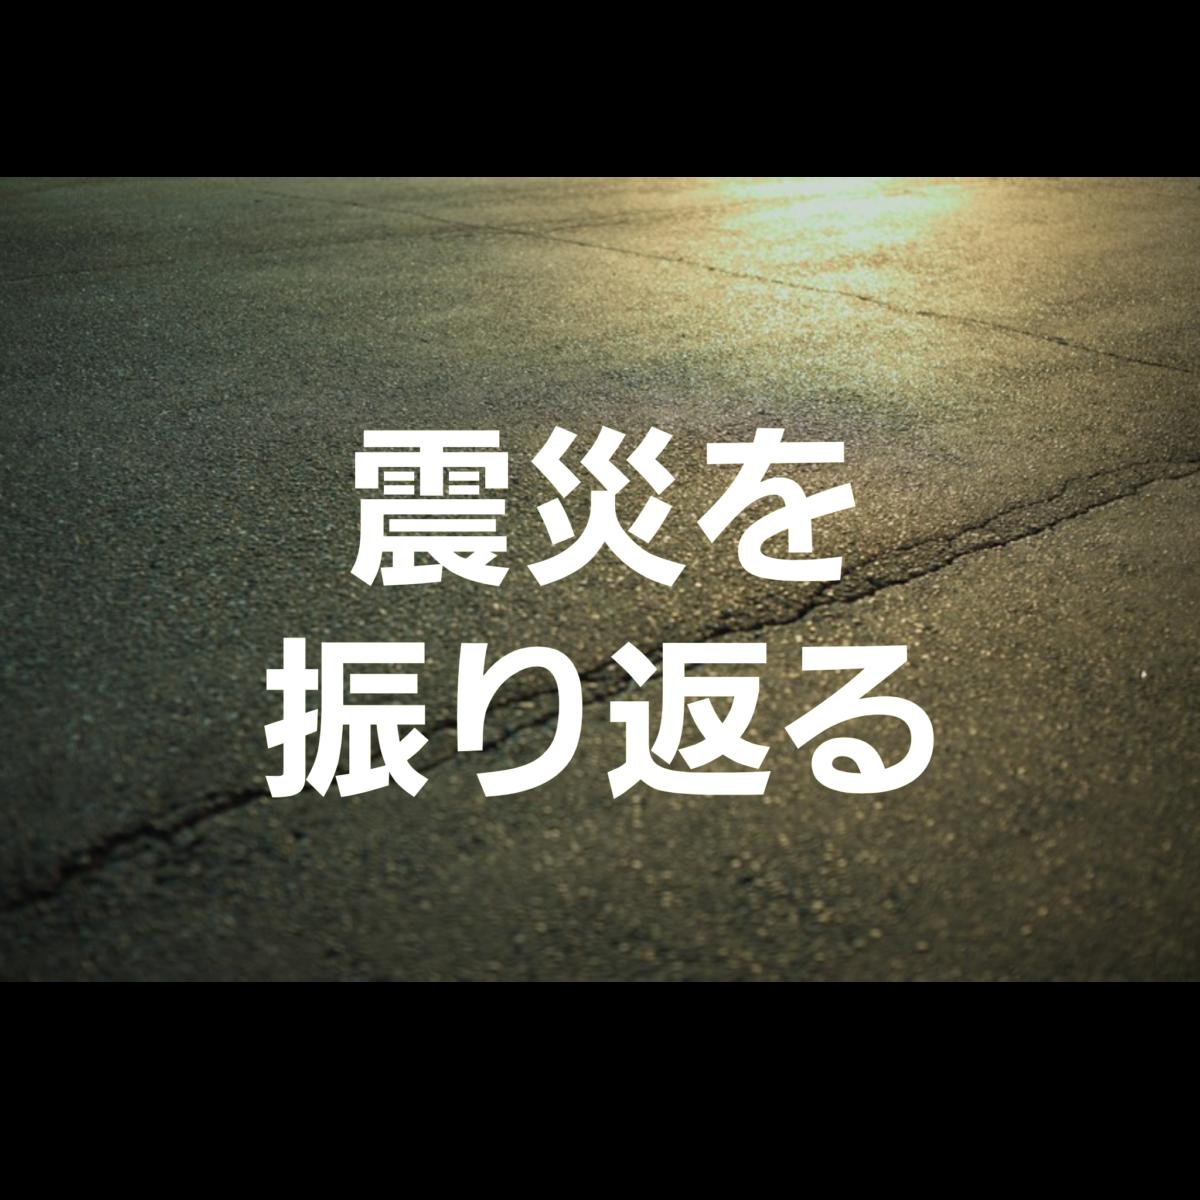 東日本大震災から8年。当時の体験を振り返る